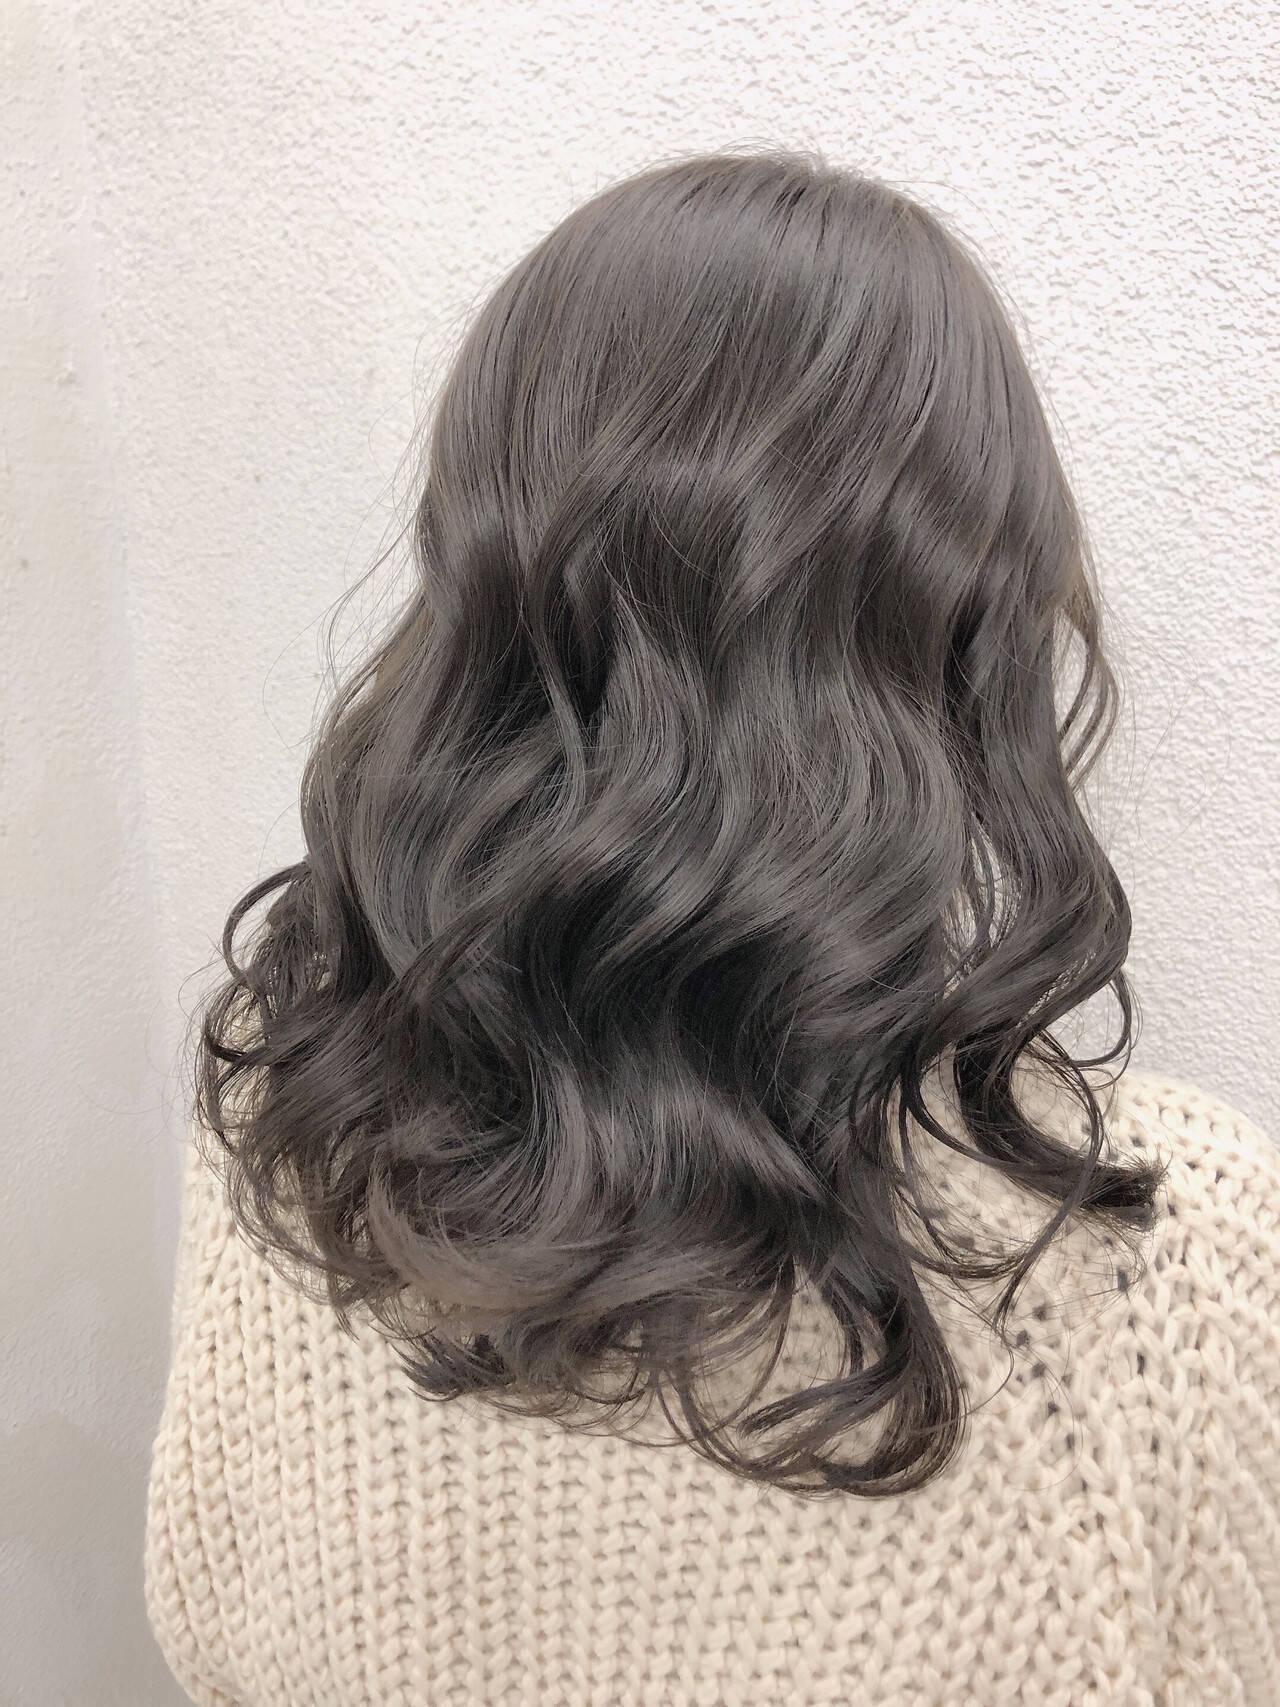 グレージュ ブリーチなし 透明感カラー イルミナカラーヘアスタイルや髪型の写真・画像